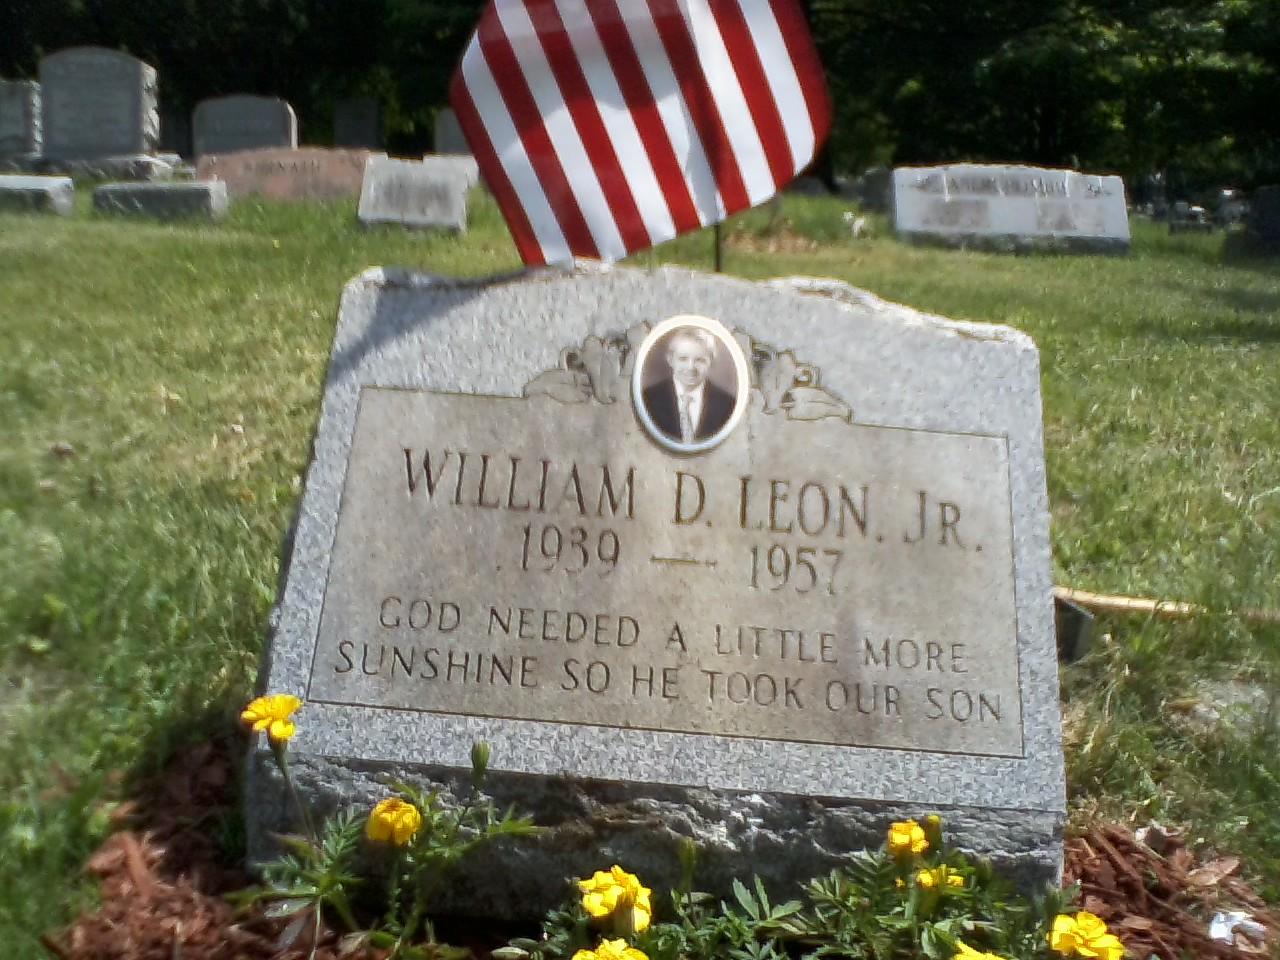 William Dennis Billy Leon, Jr